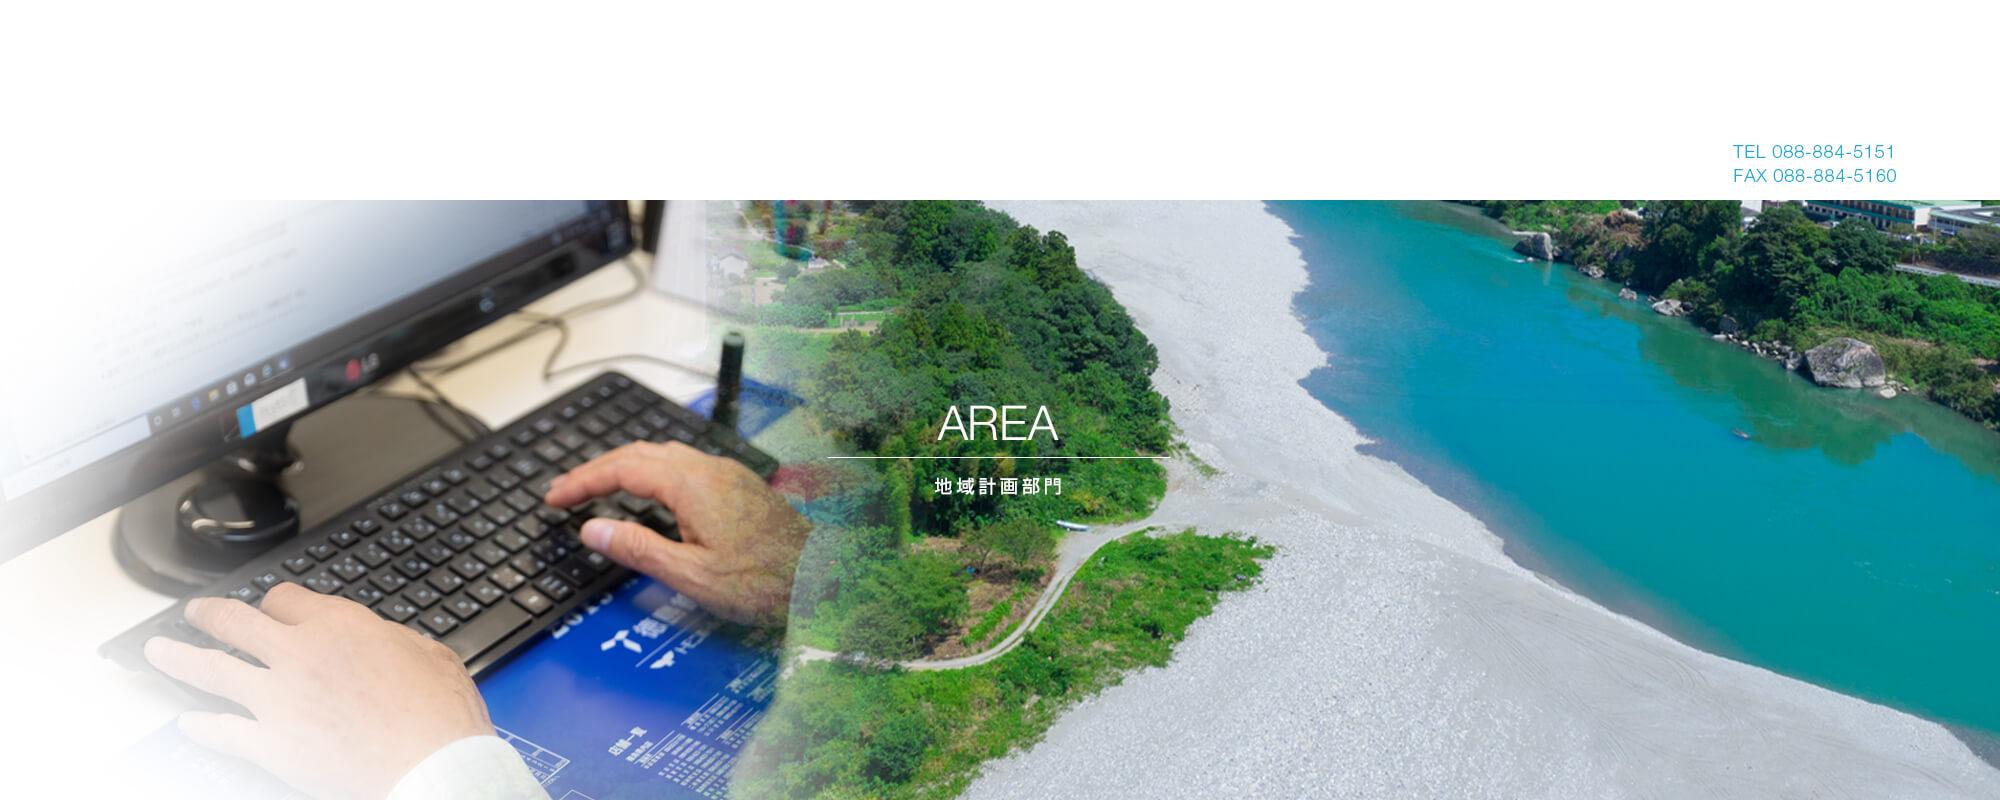 地域計画部門